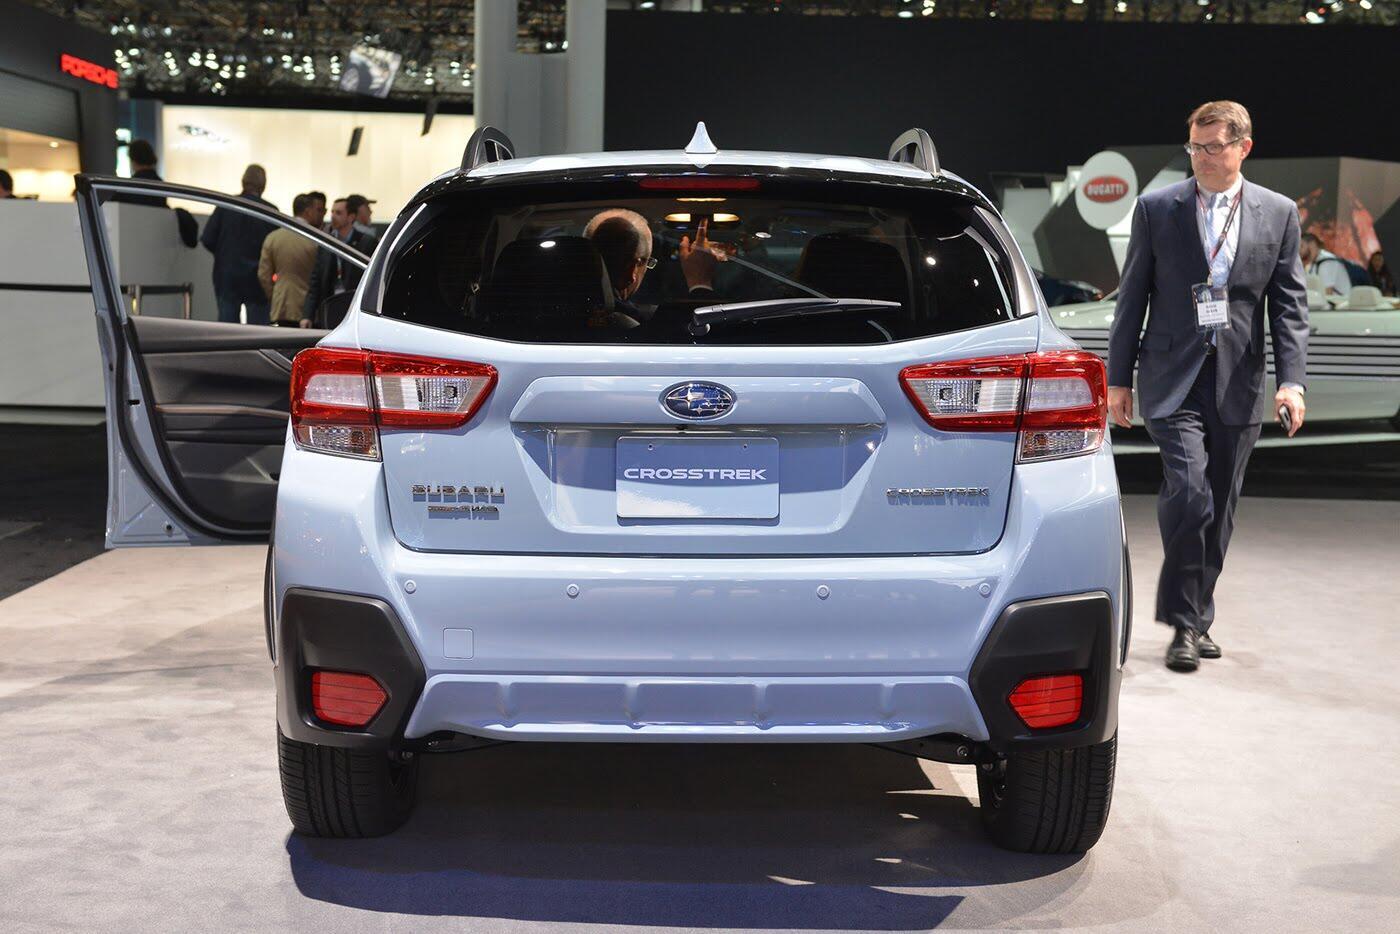 Tò mò ngắm đối thủ của Honda CR-V - Hình 6